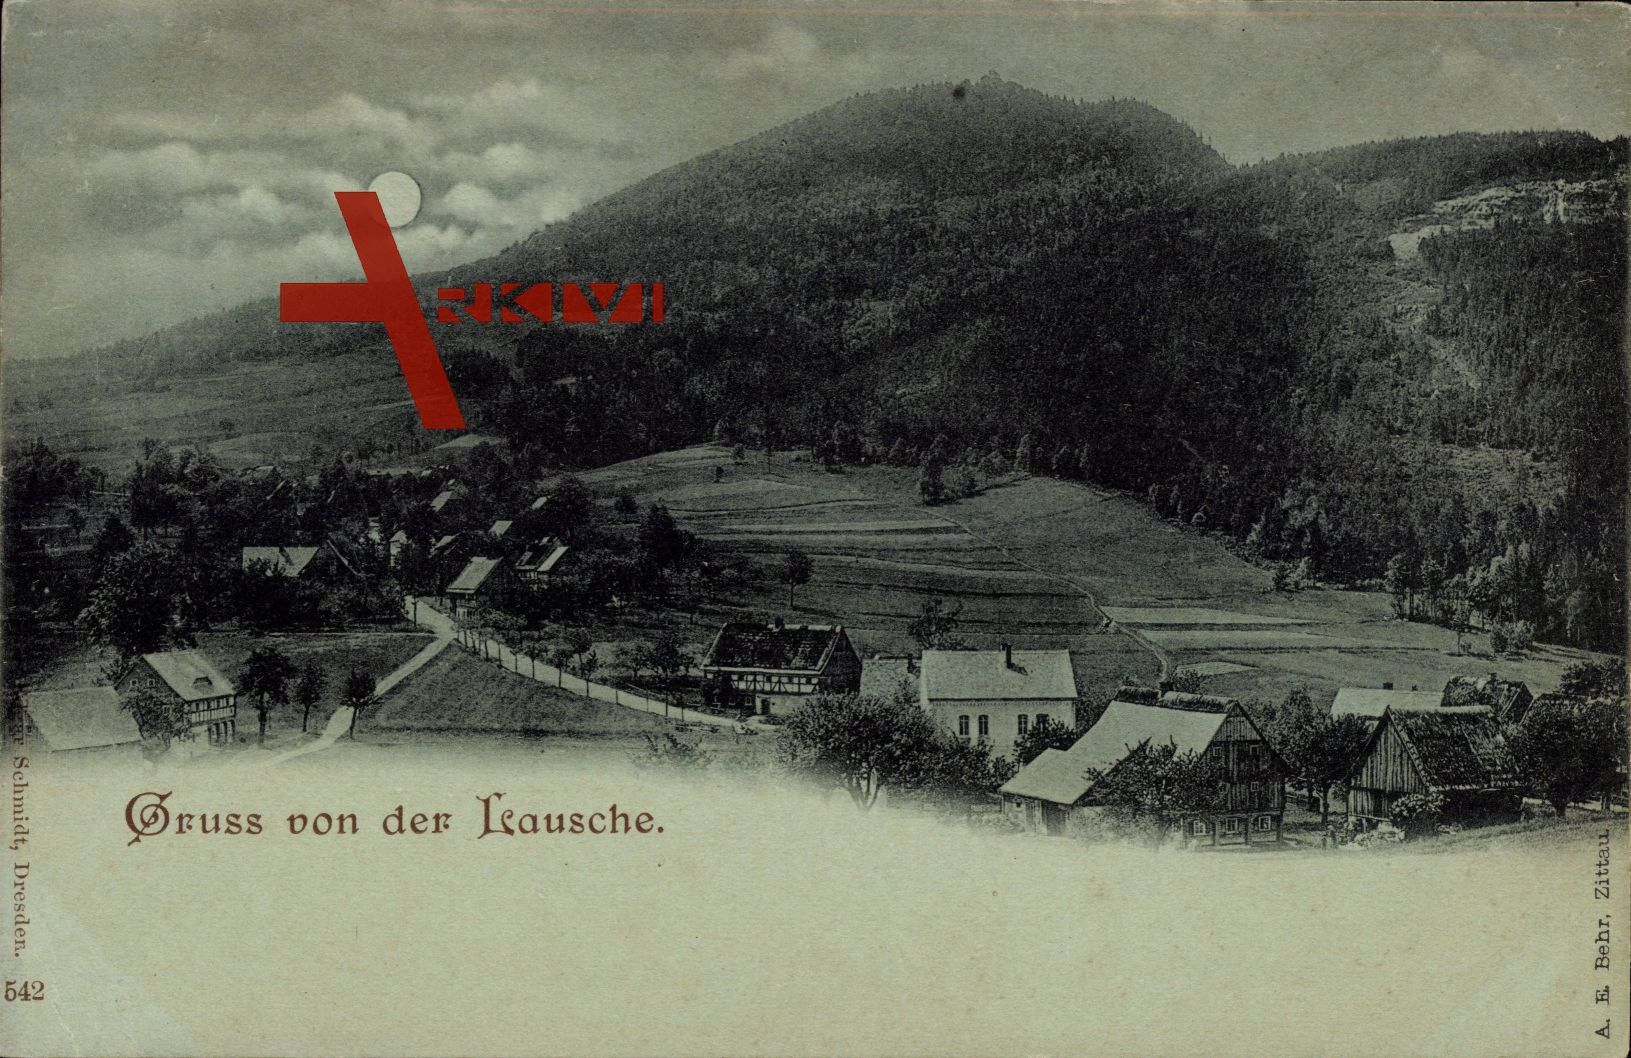 Mondschein Waltersdorf Großschönau, Teilansicht des Ortes mit Lausche